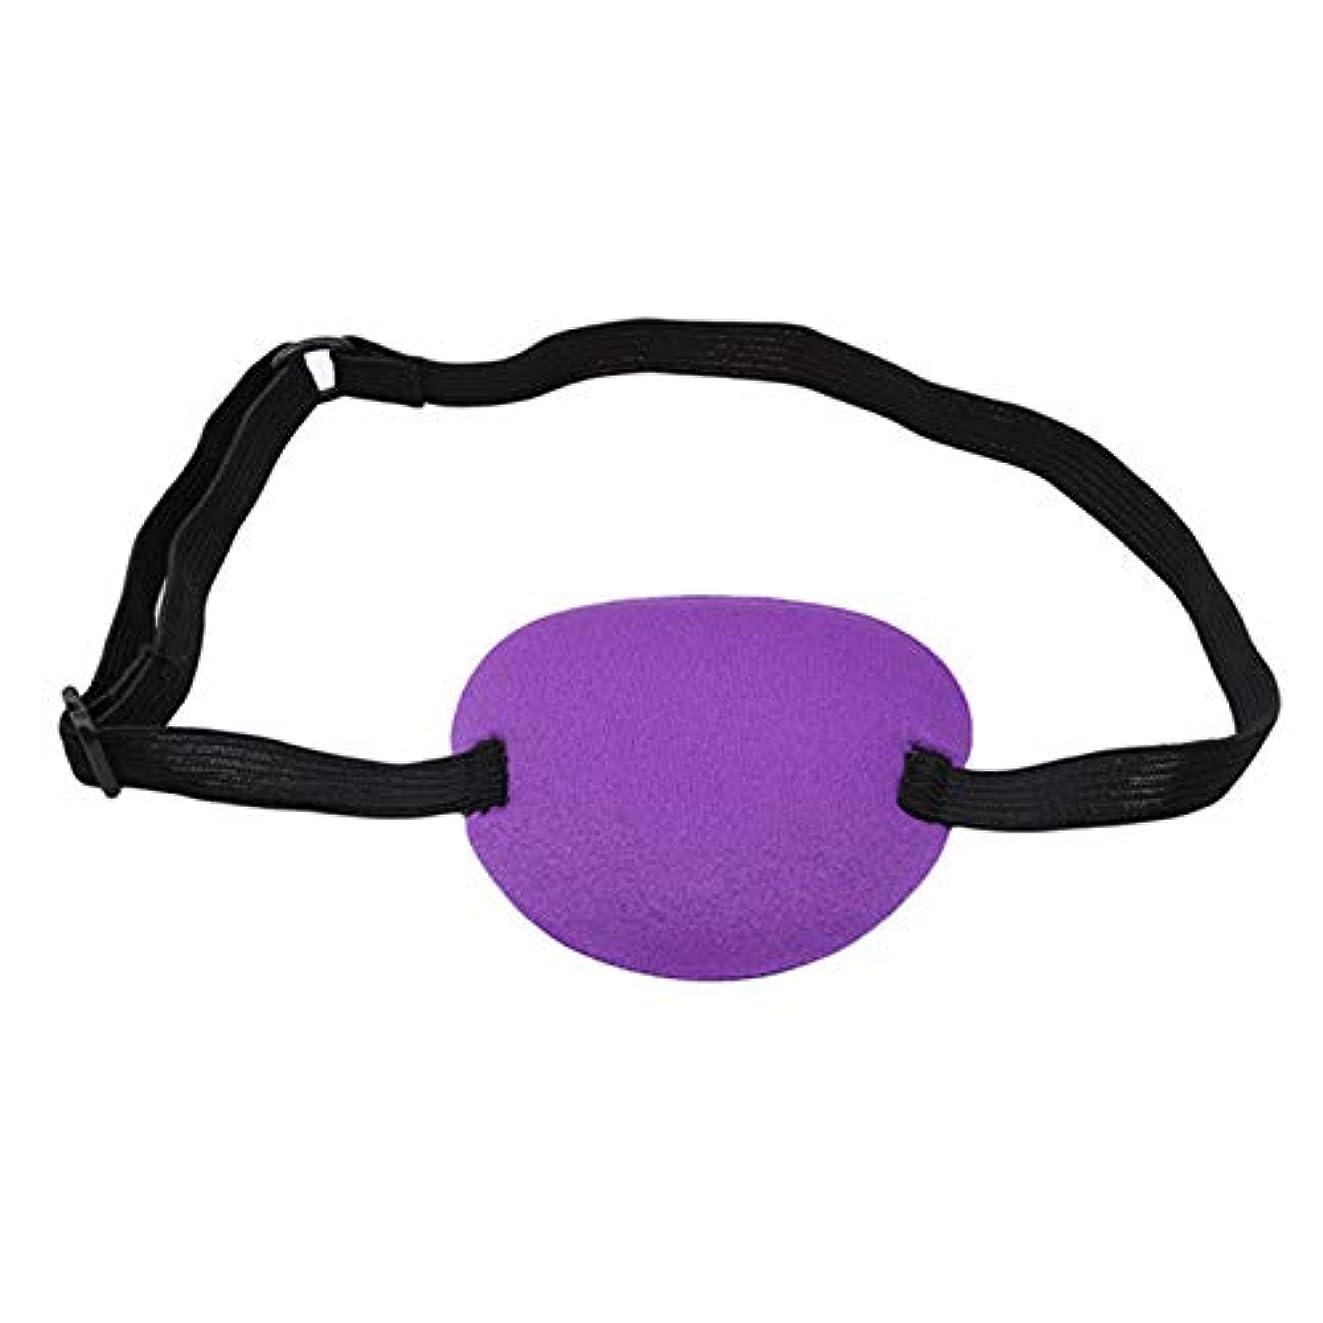 準備クリーク繊毛NOTE 大人の携帯用柔らかい目のパッチの弱視の訓練のゴーグルの子供の単一の目のカバー絹のアイシェードの眠るアイマスクの片目カバー